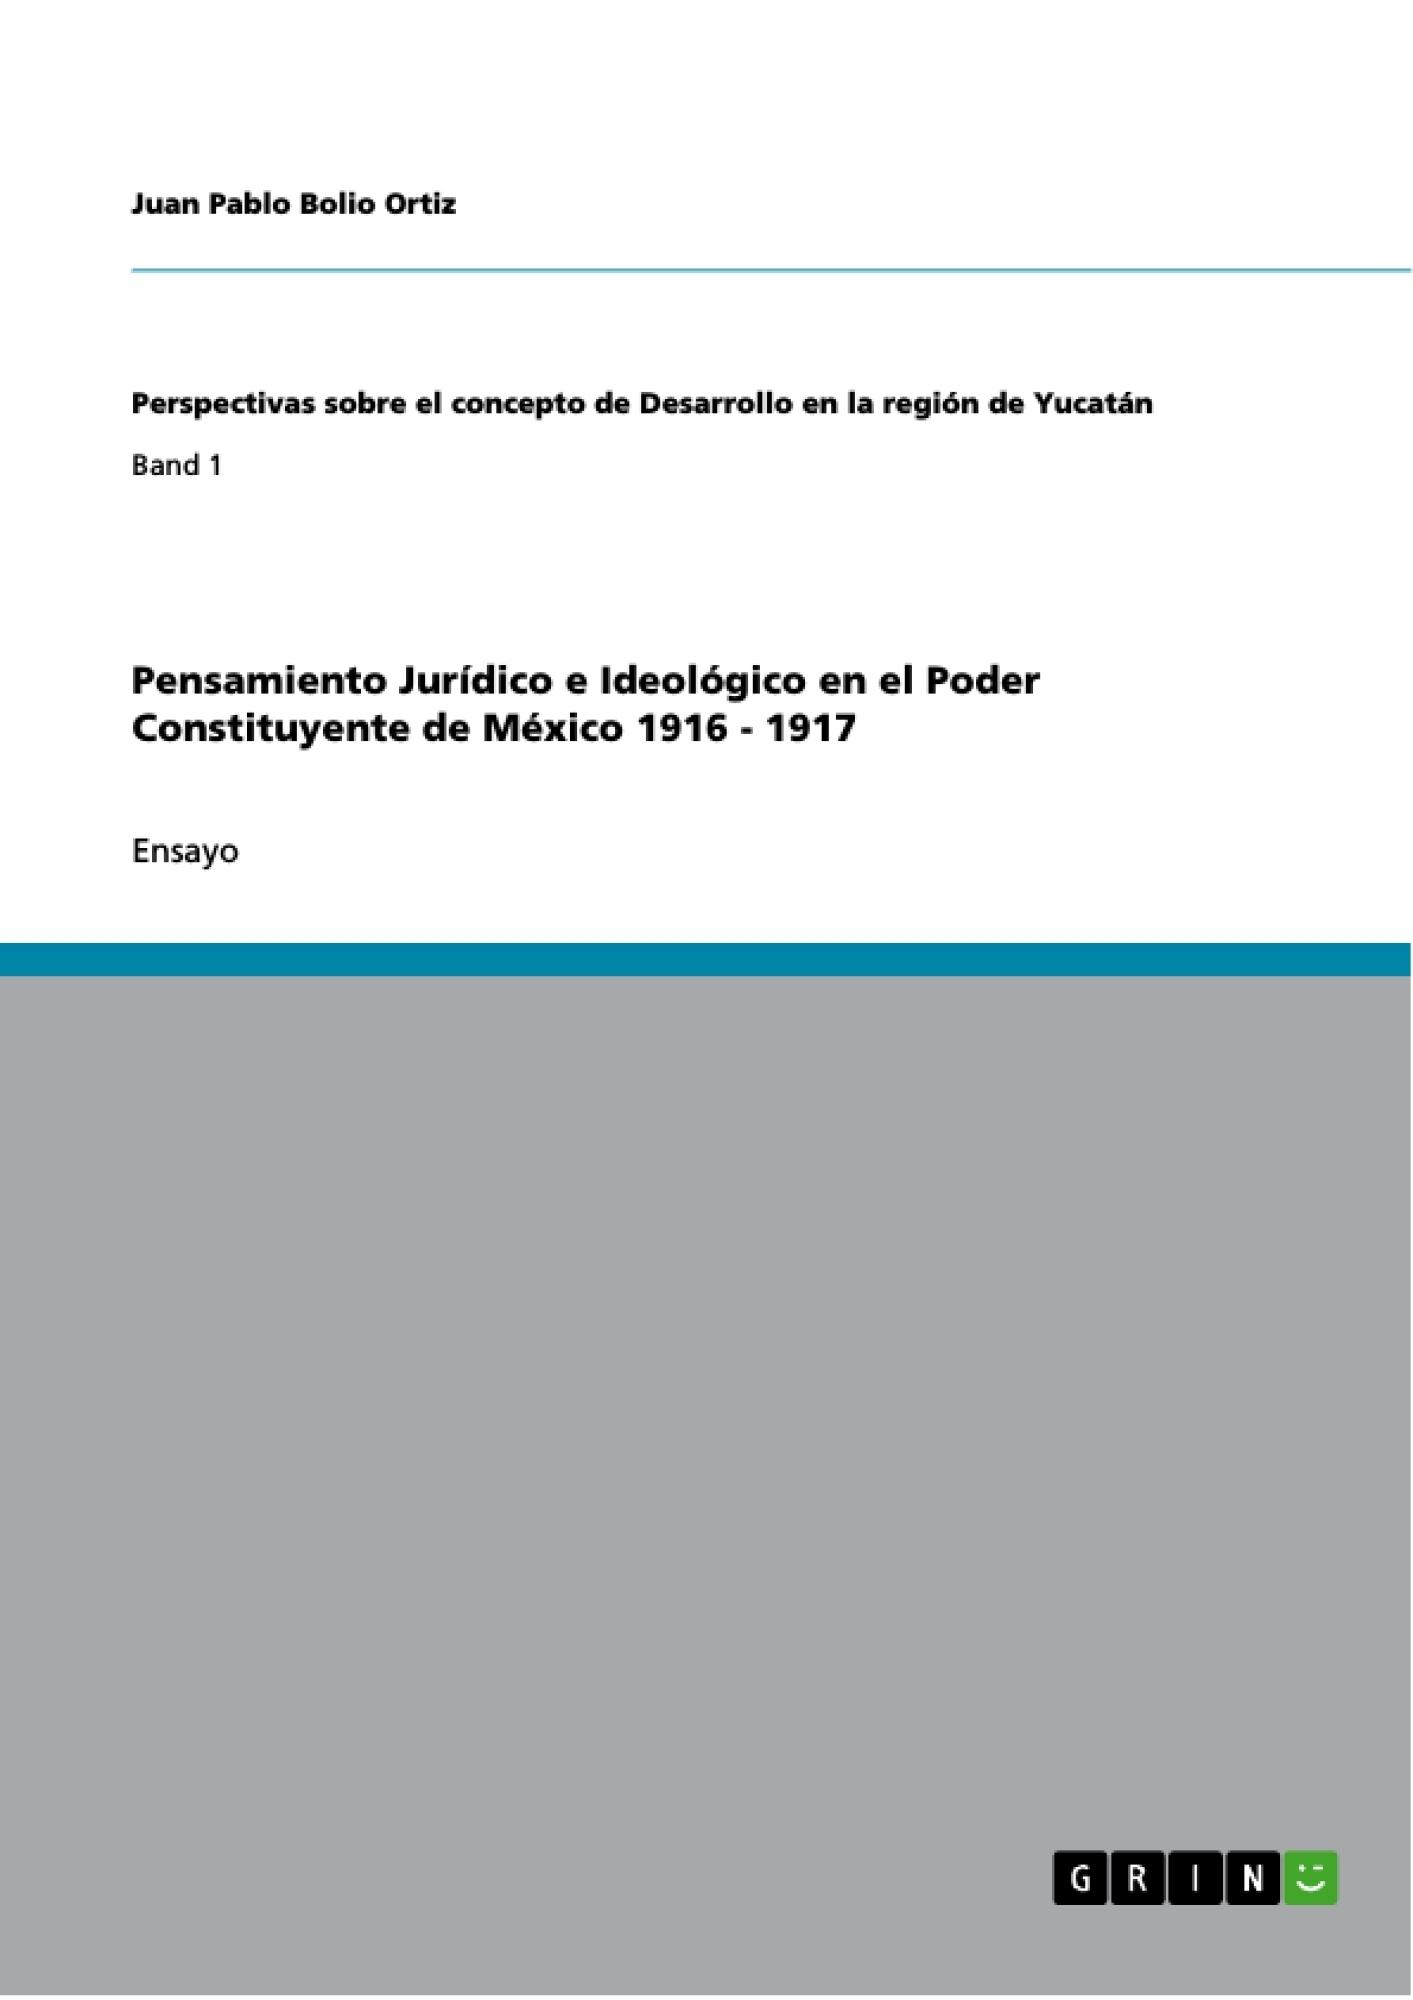 Título: Pensamiento Jurídico e Ideológico en el Poder Constituyente de México 1916 - 1917